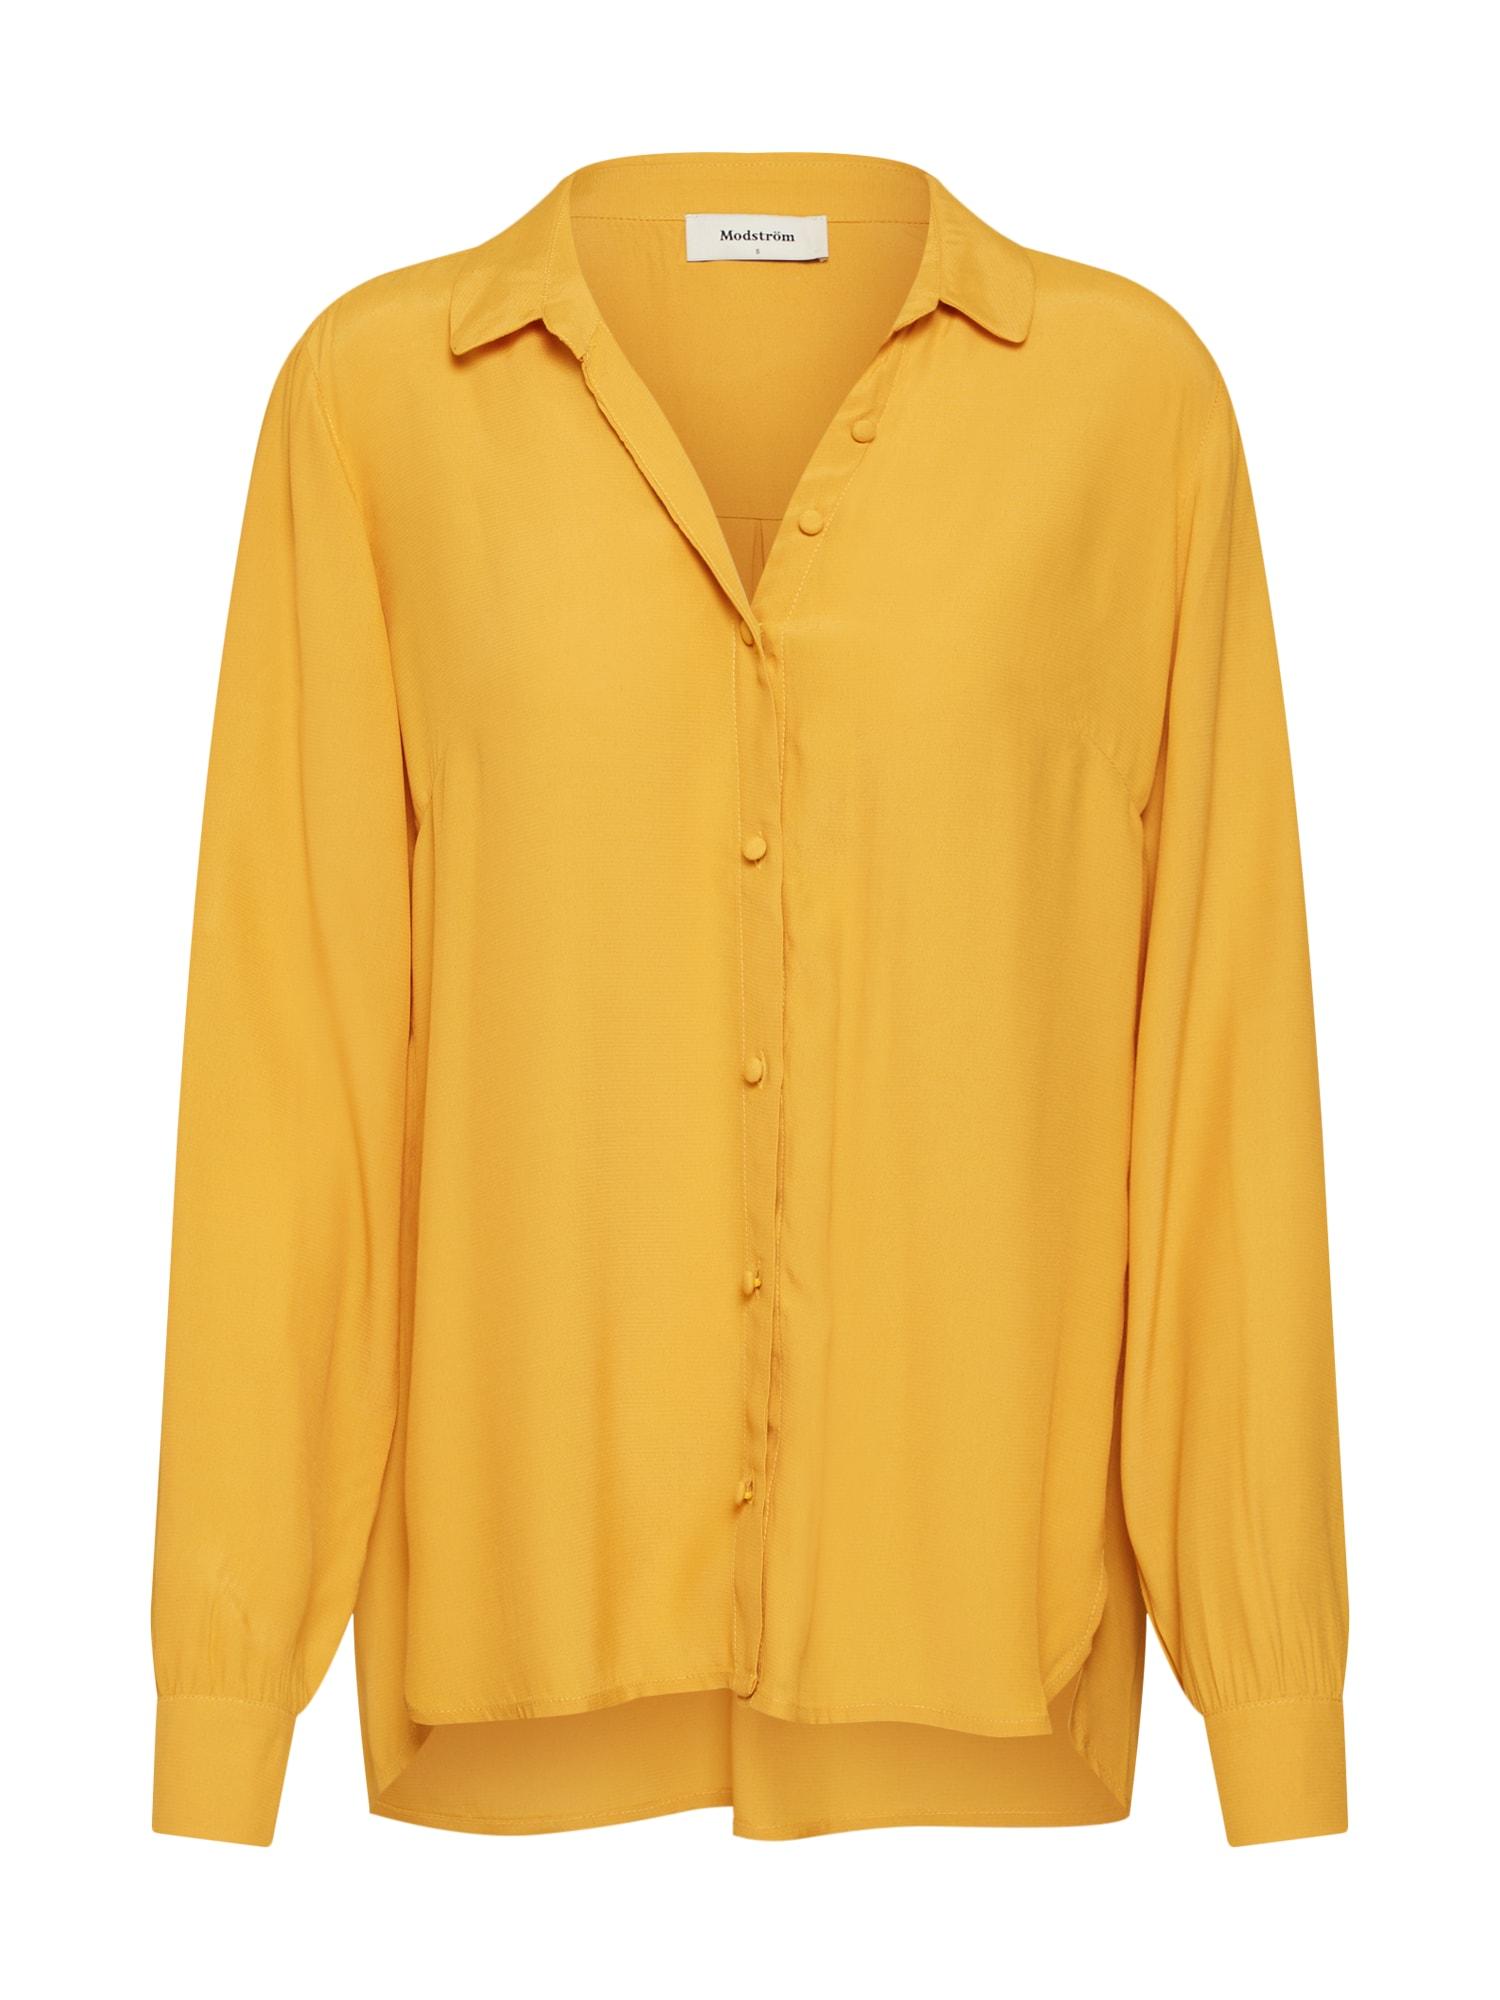 Halenka Ryder shirt žlutá Modström